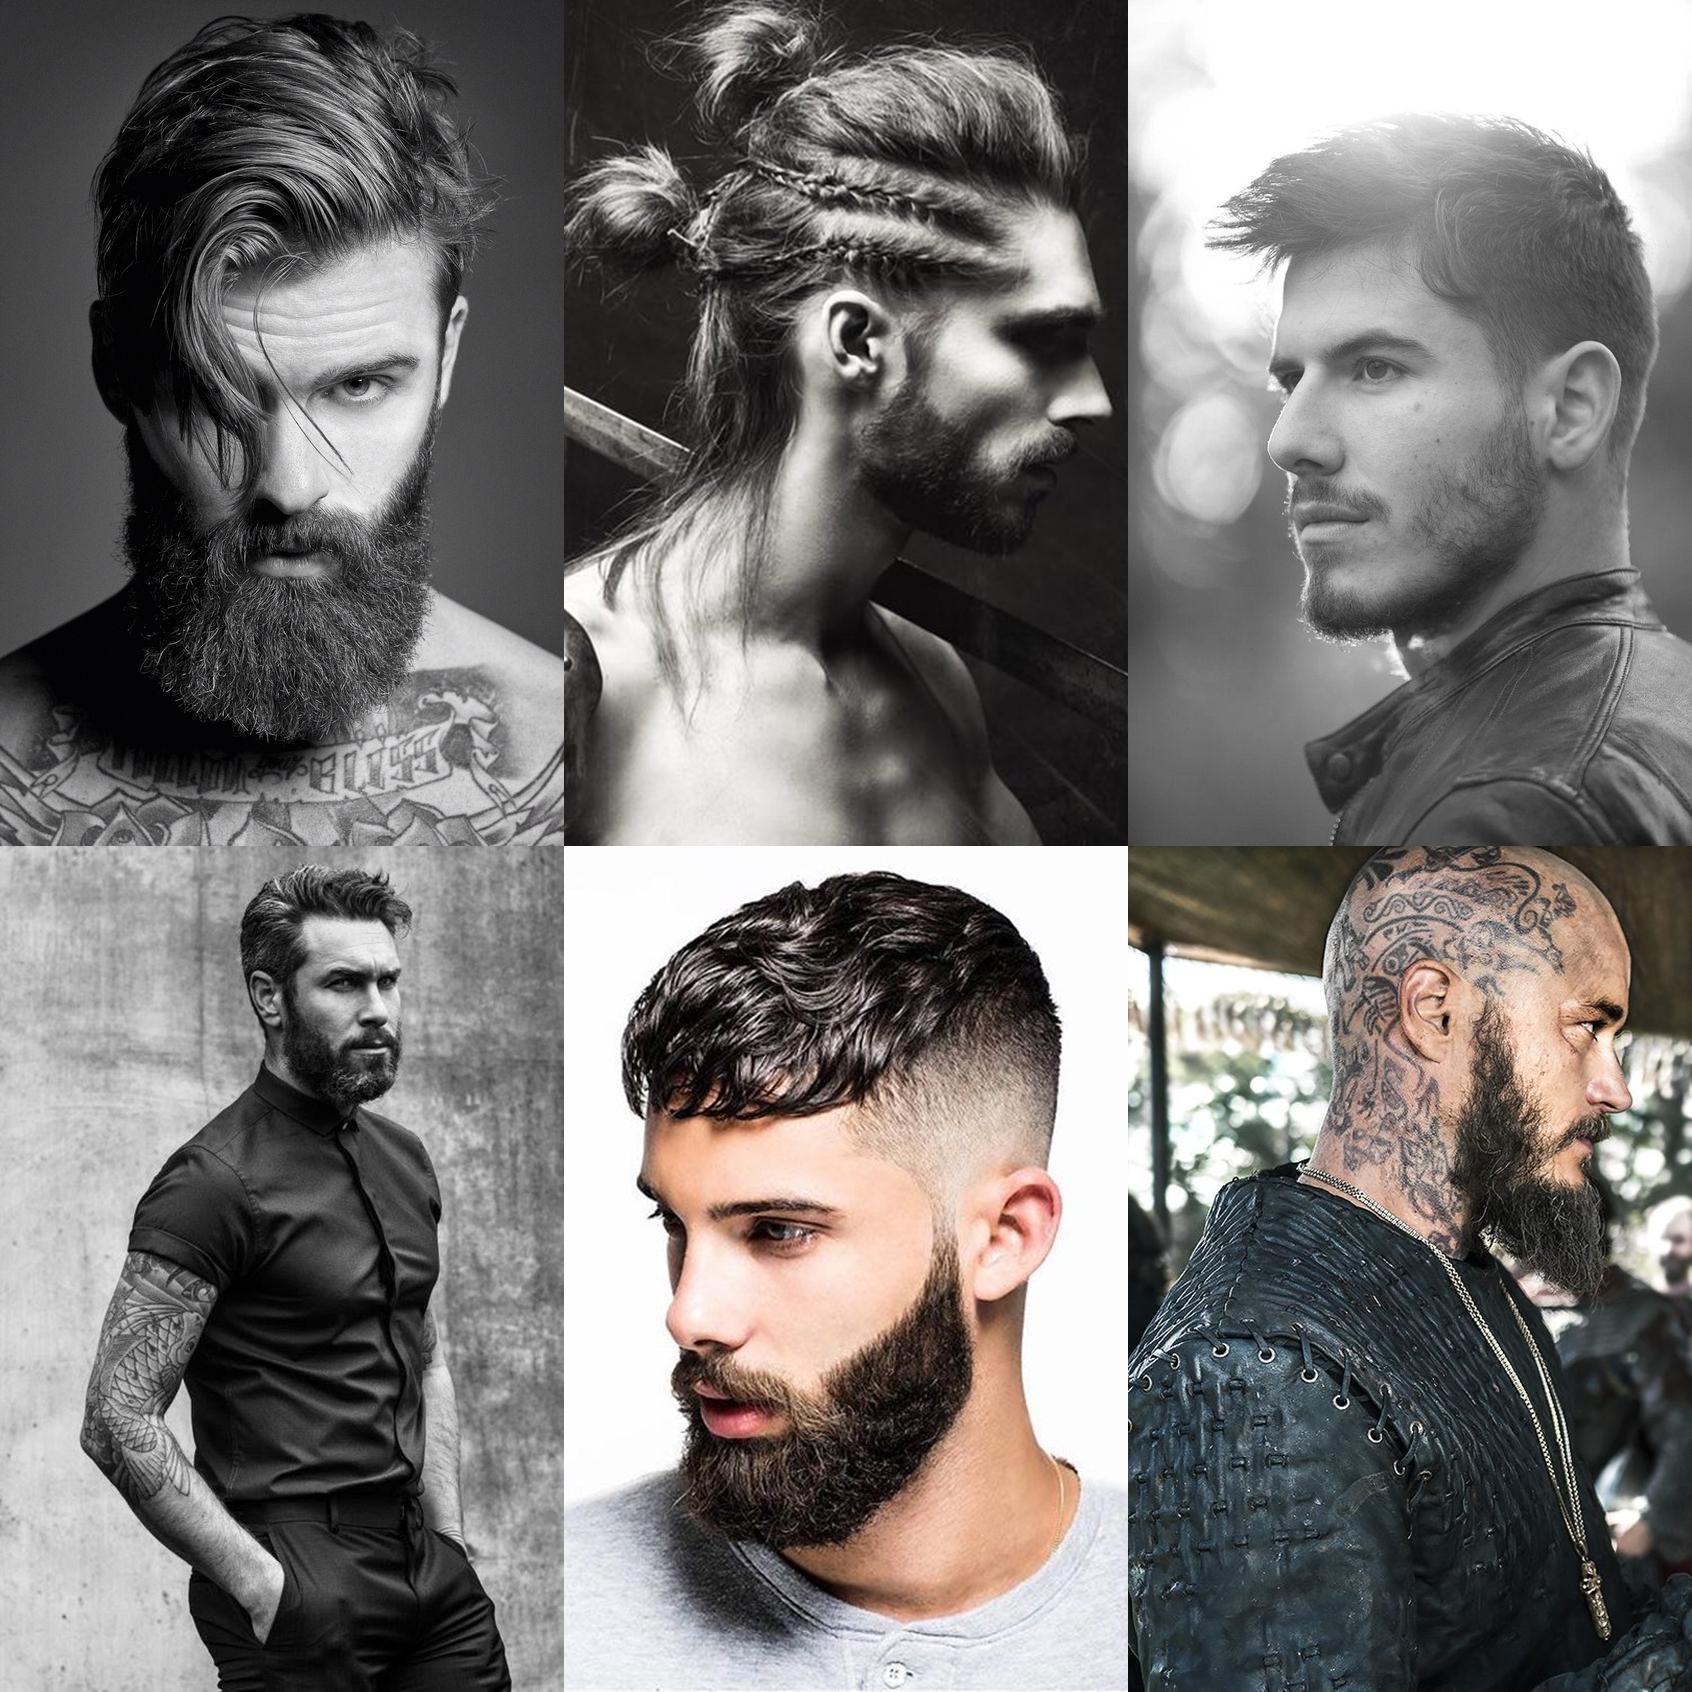 como fazer barba, barba volumosa, como fazer barba crescer, deixar barba crescer, produto, minoxidil, haircut, beard, curly, alex cursino, moda sem censura, dicas de moda, dicas de estilo, 3